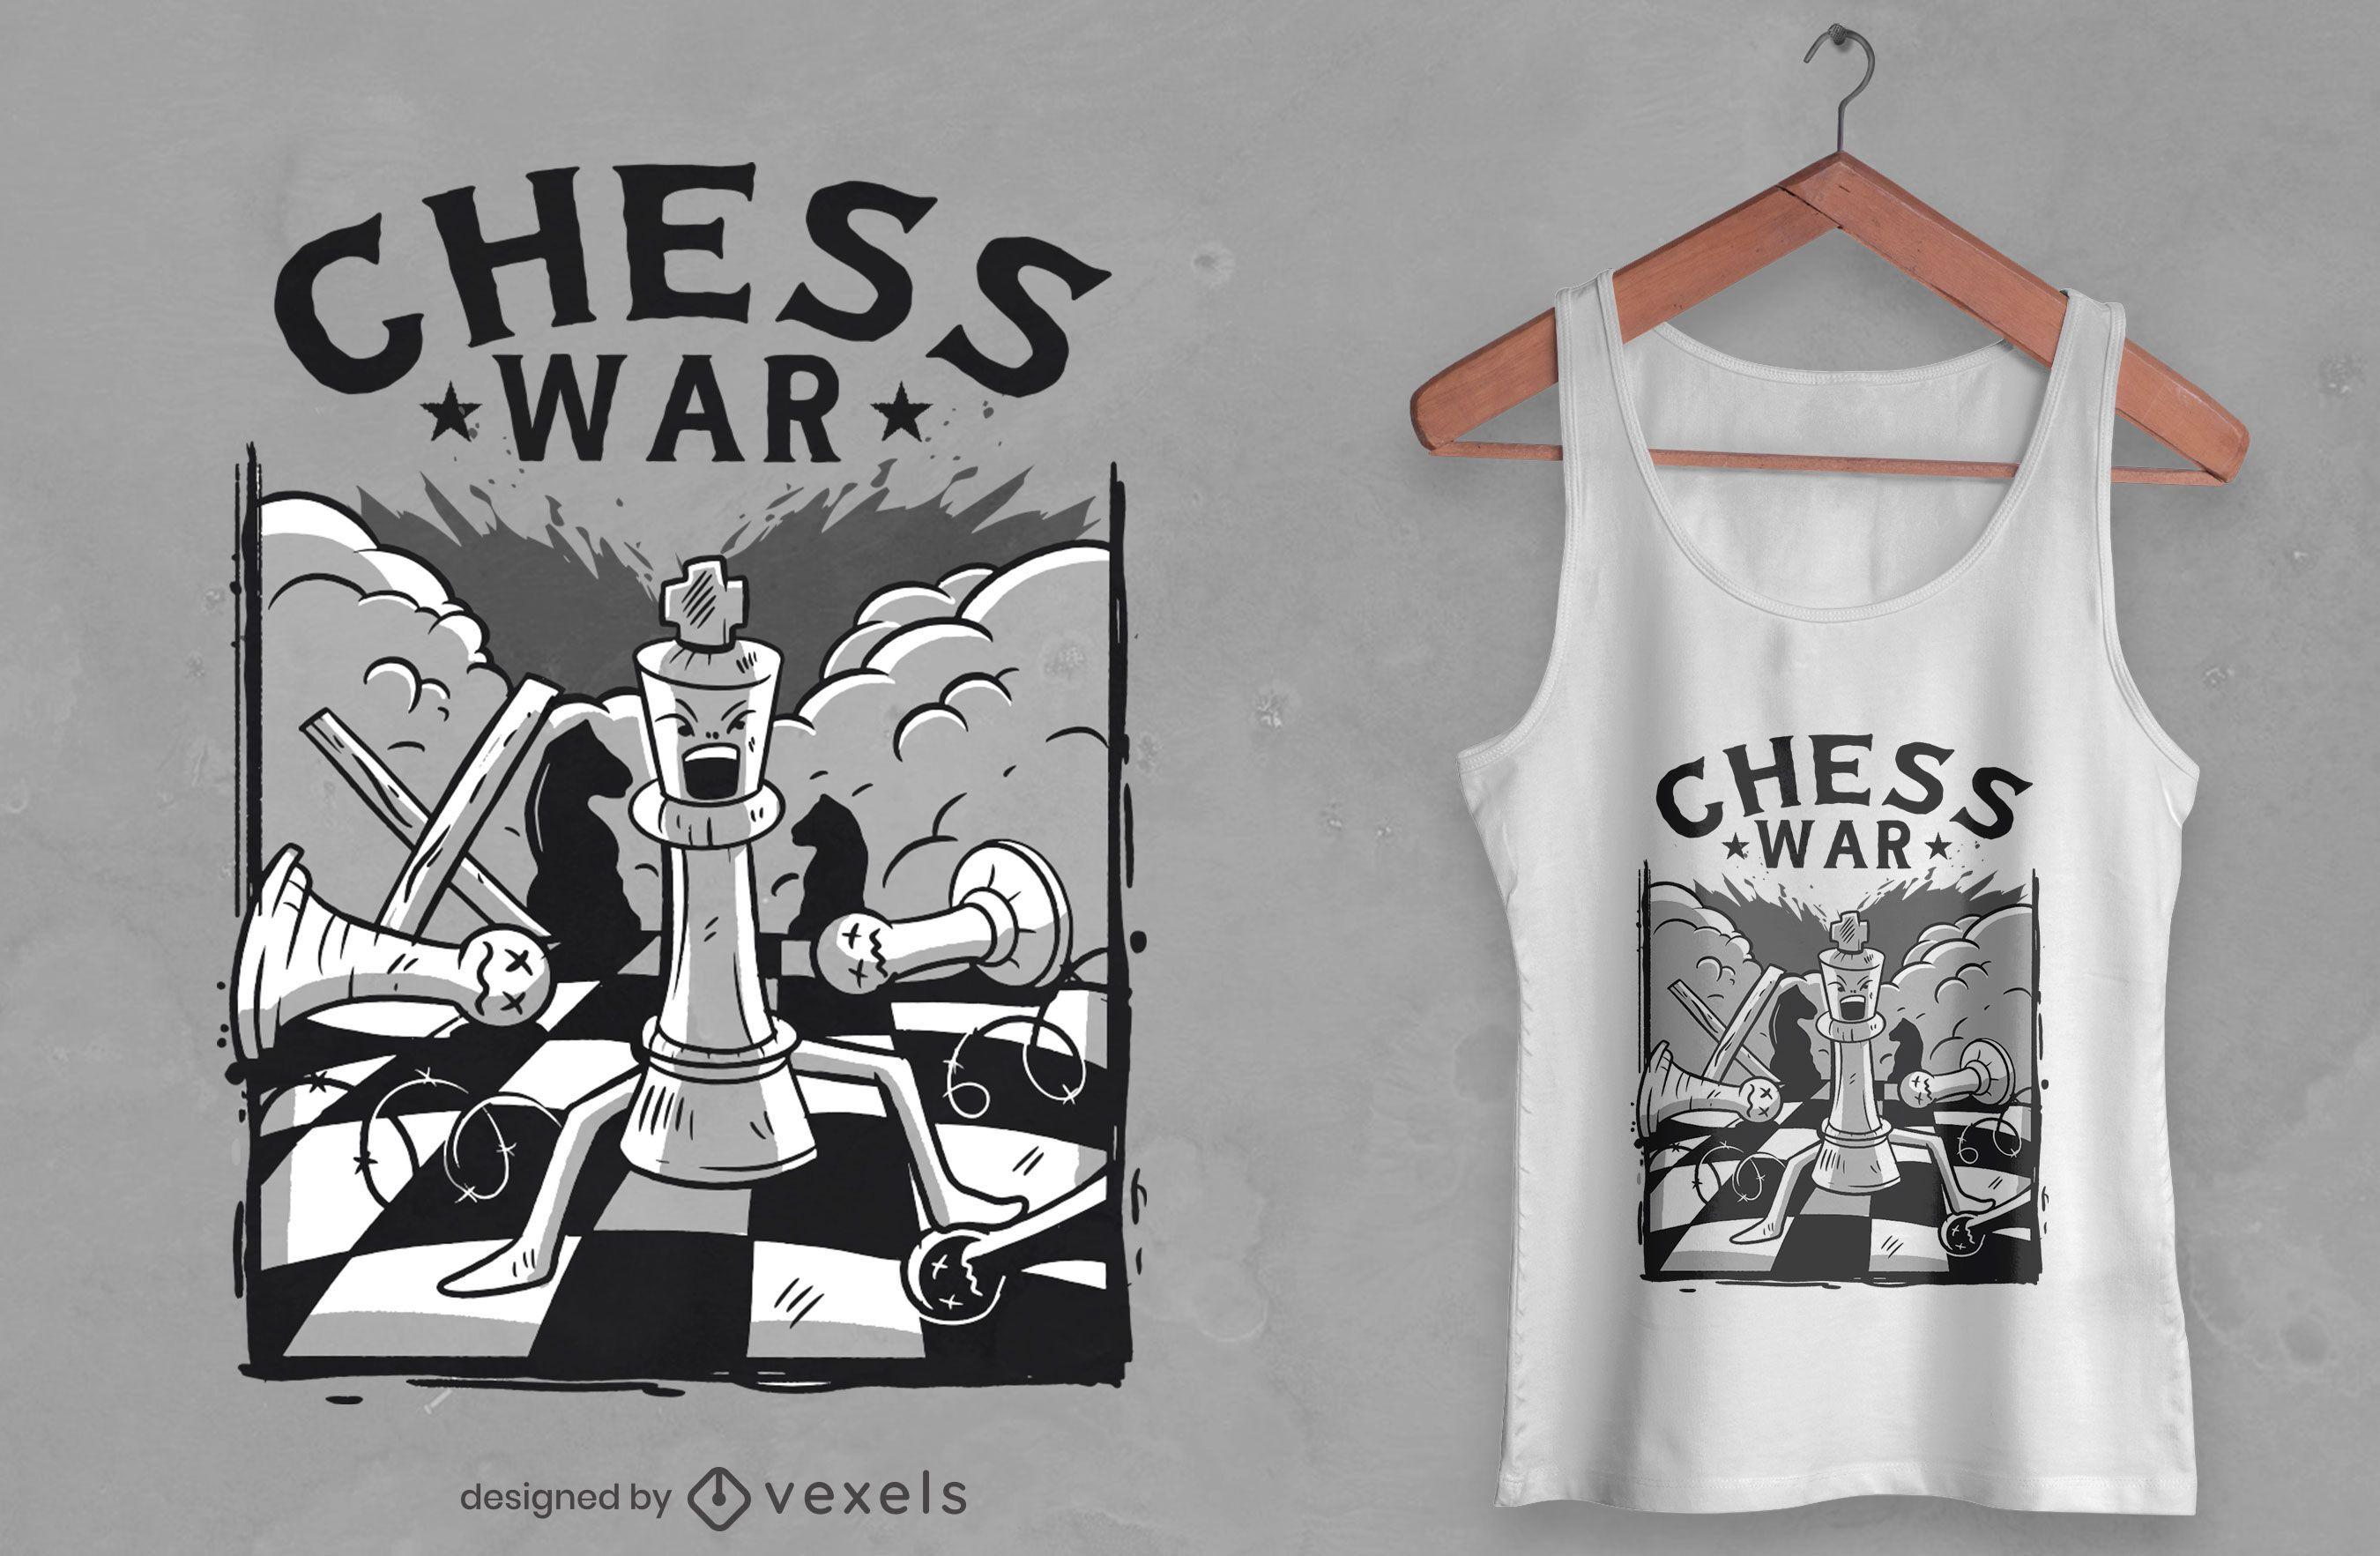 Chess war t-shirt design